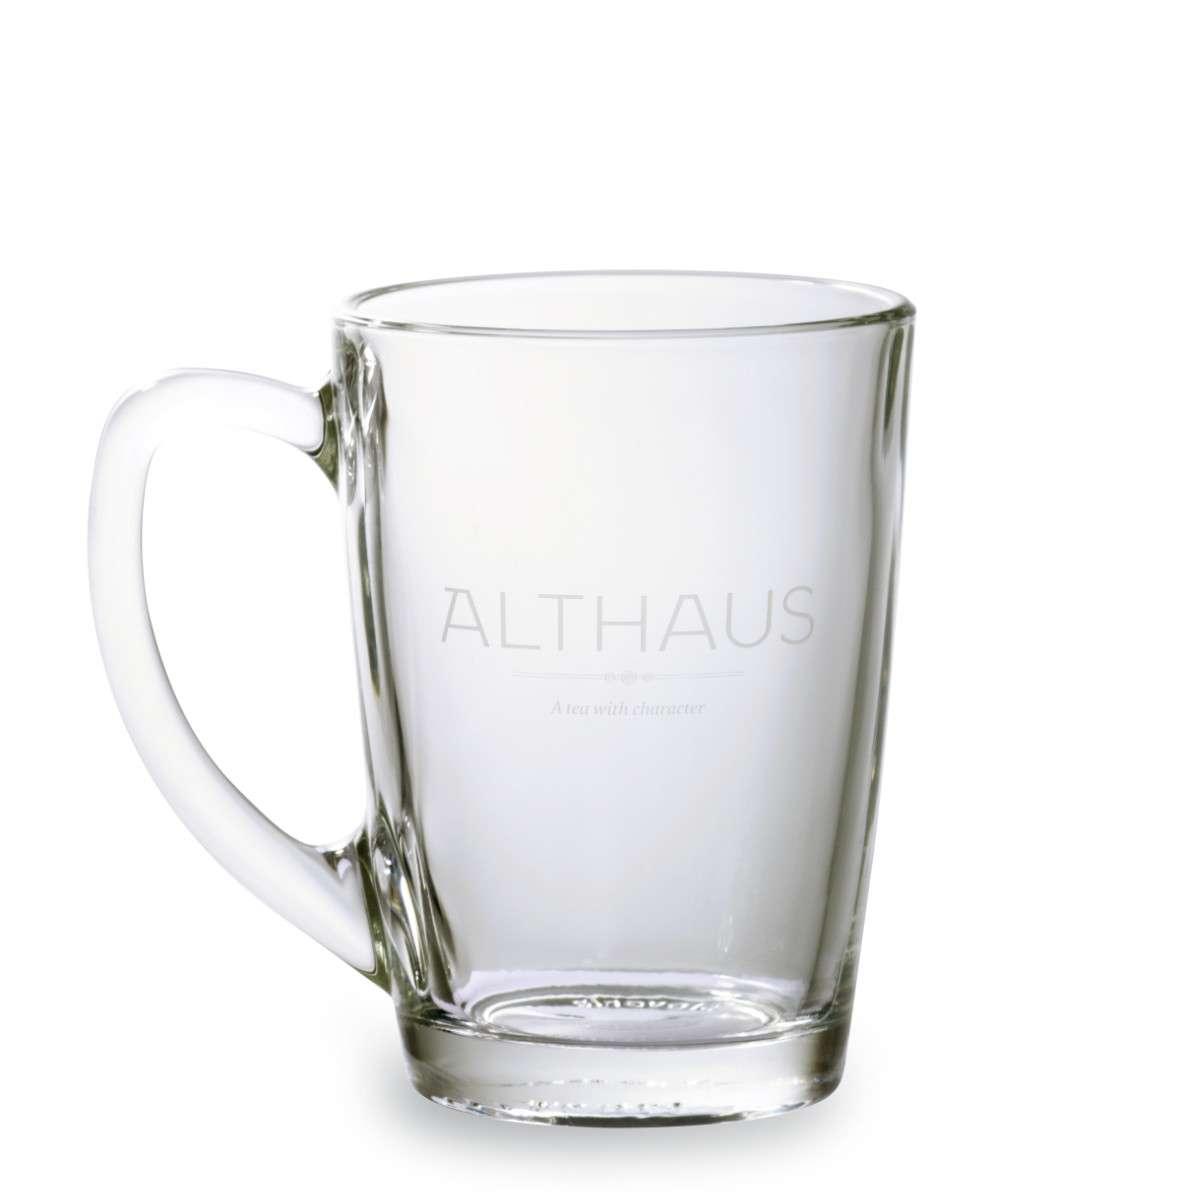 Кружка Althaus стекляная 300 мл